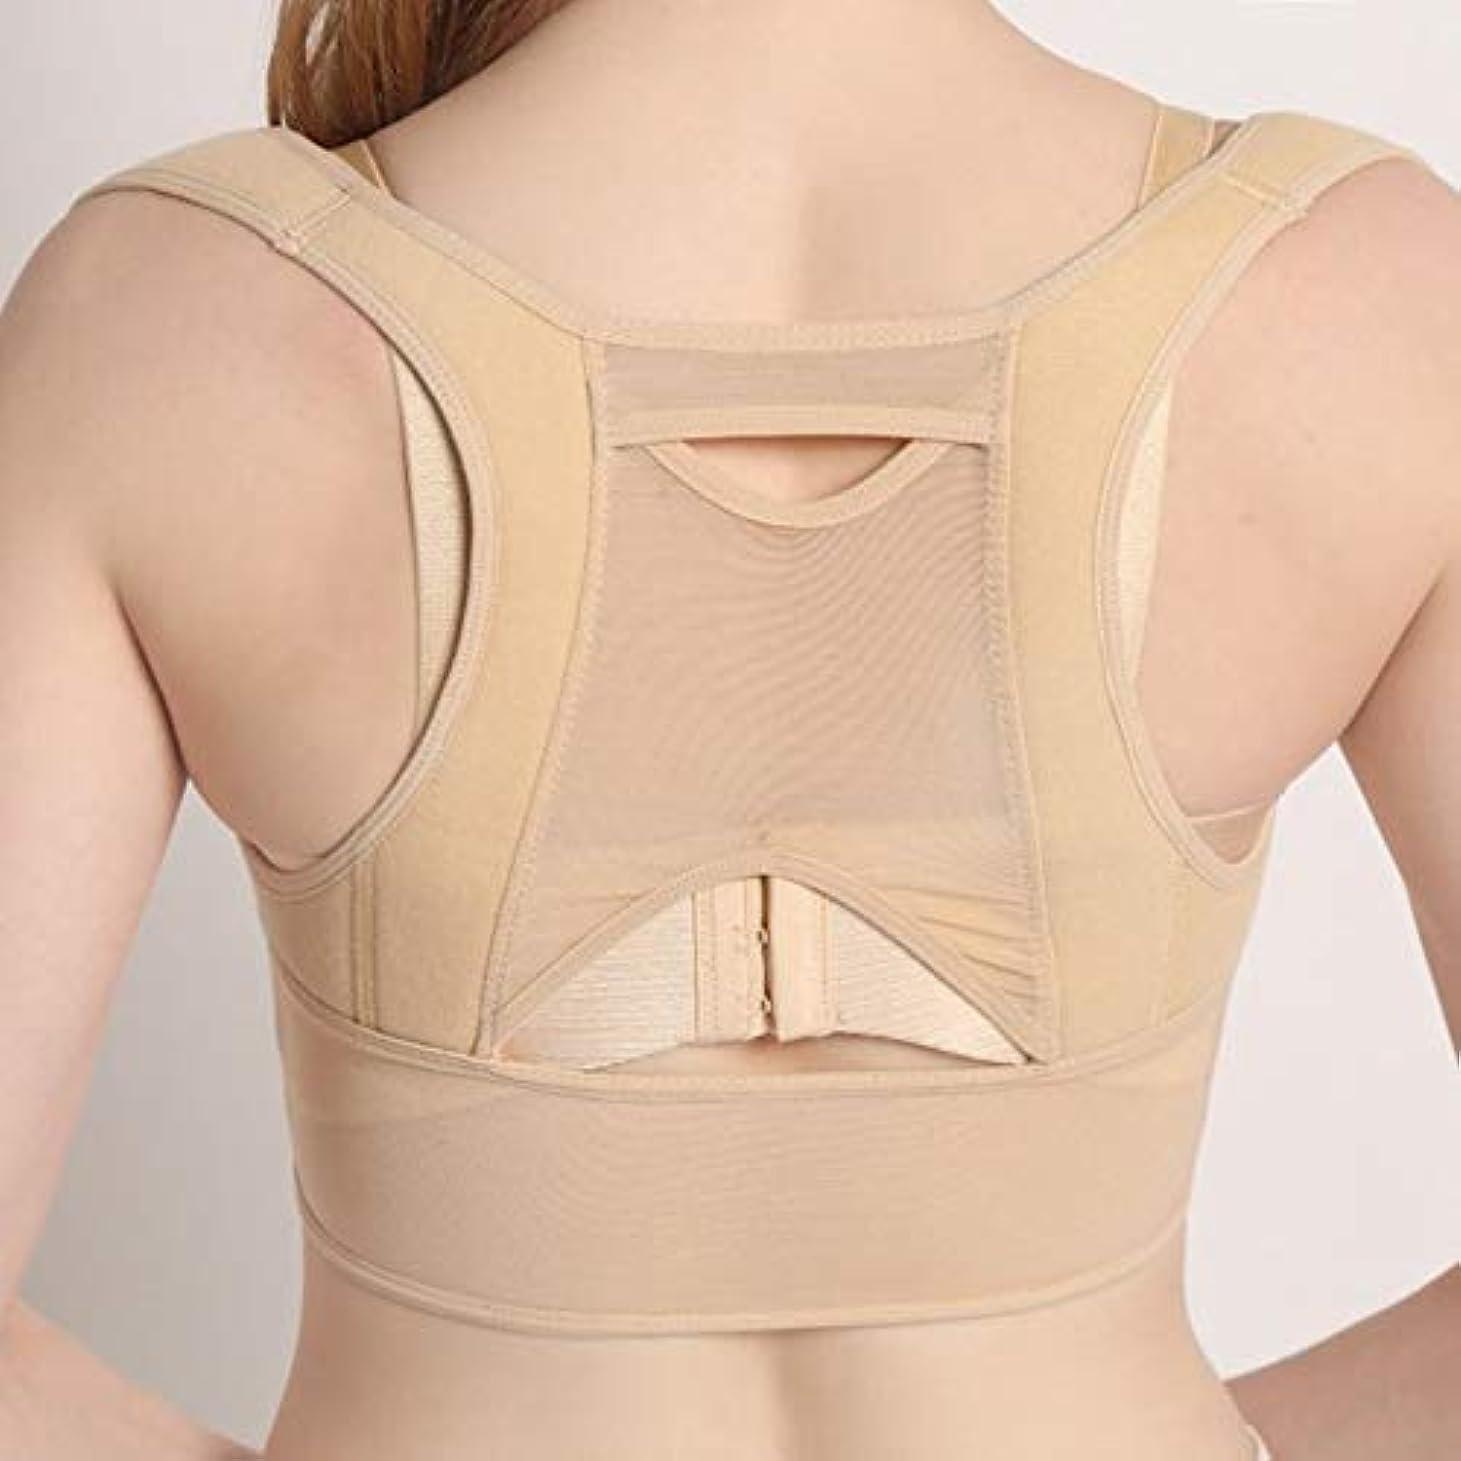 恐ろしい宿題をする時々通気性のある女性の背中の姿勢矯正コルセット整形外科の肩の背骨の姿勢矯正腰椎サポート - ベージュホワイトM